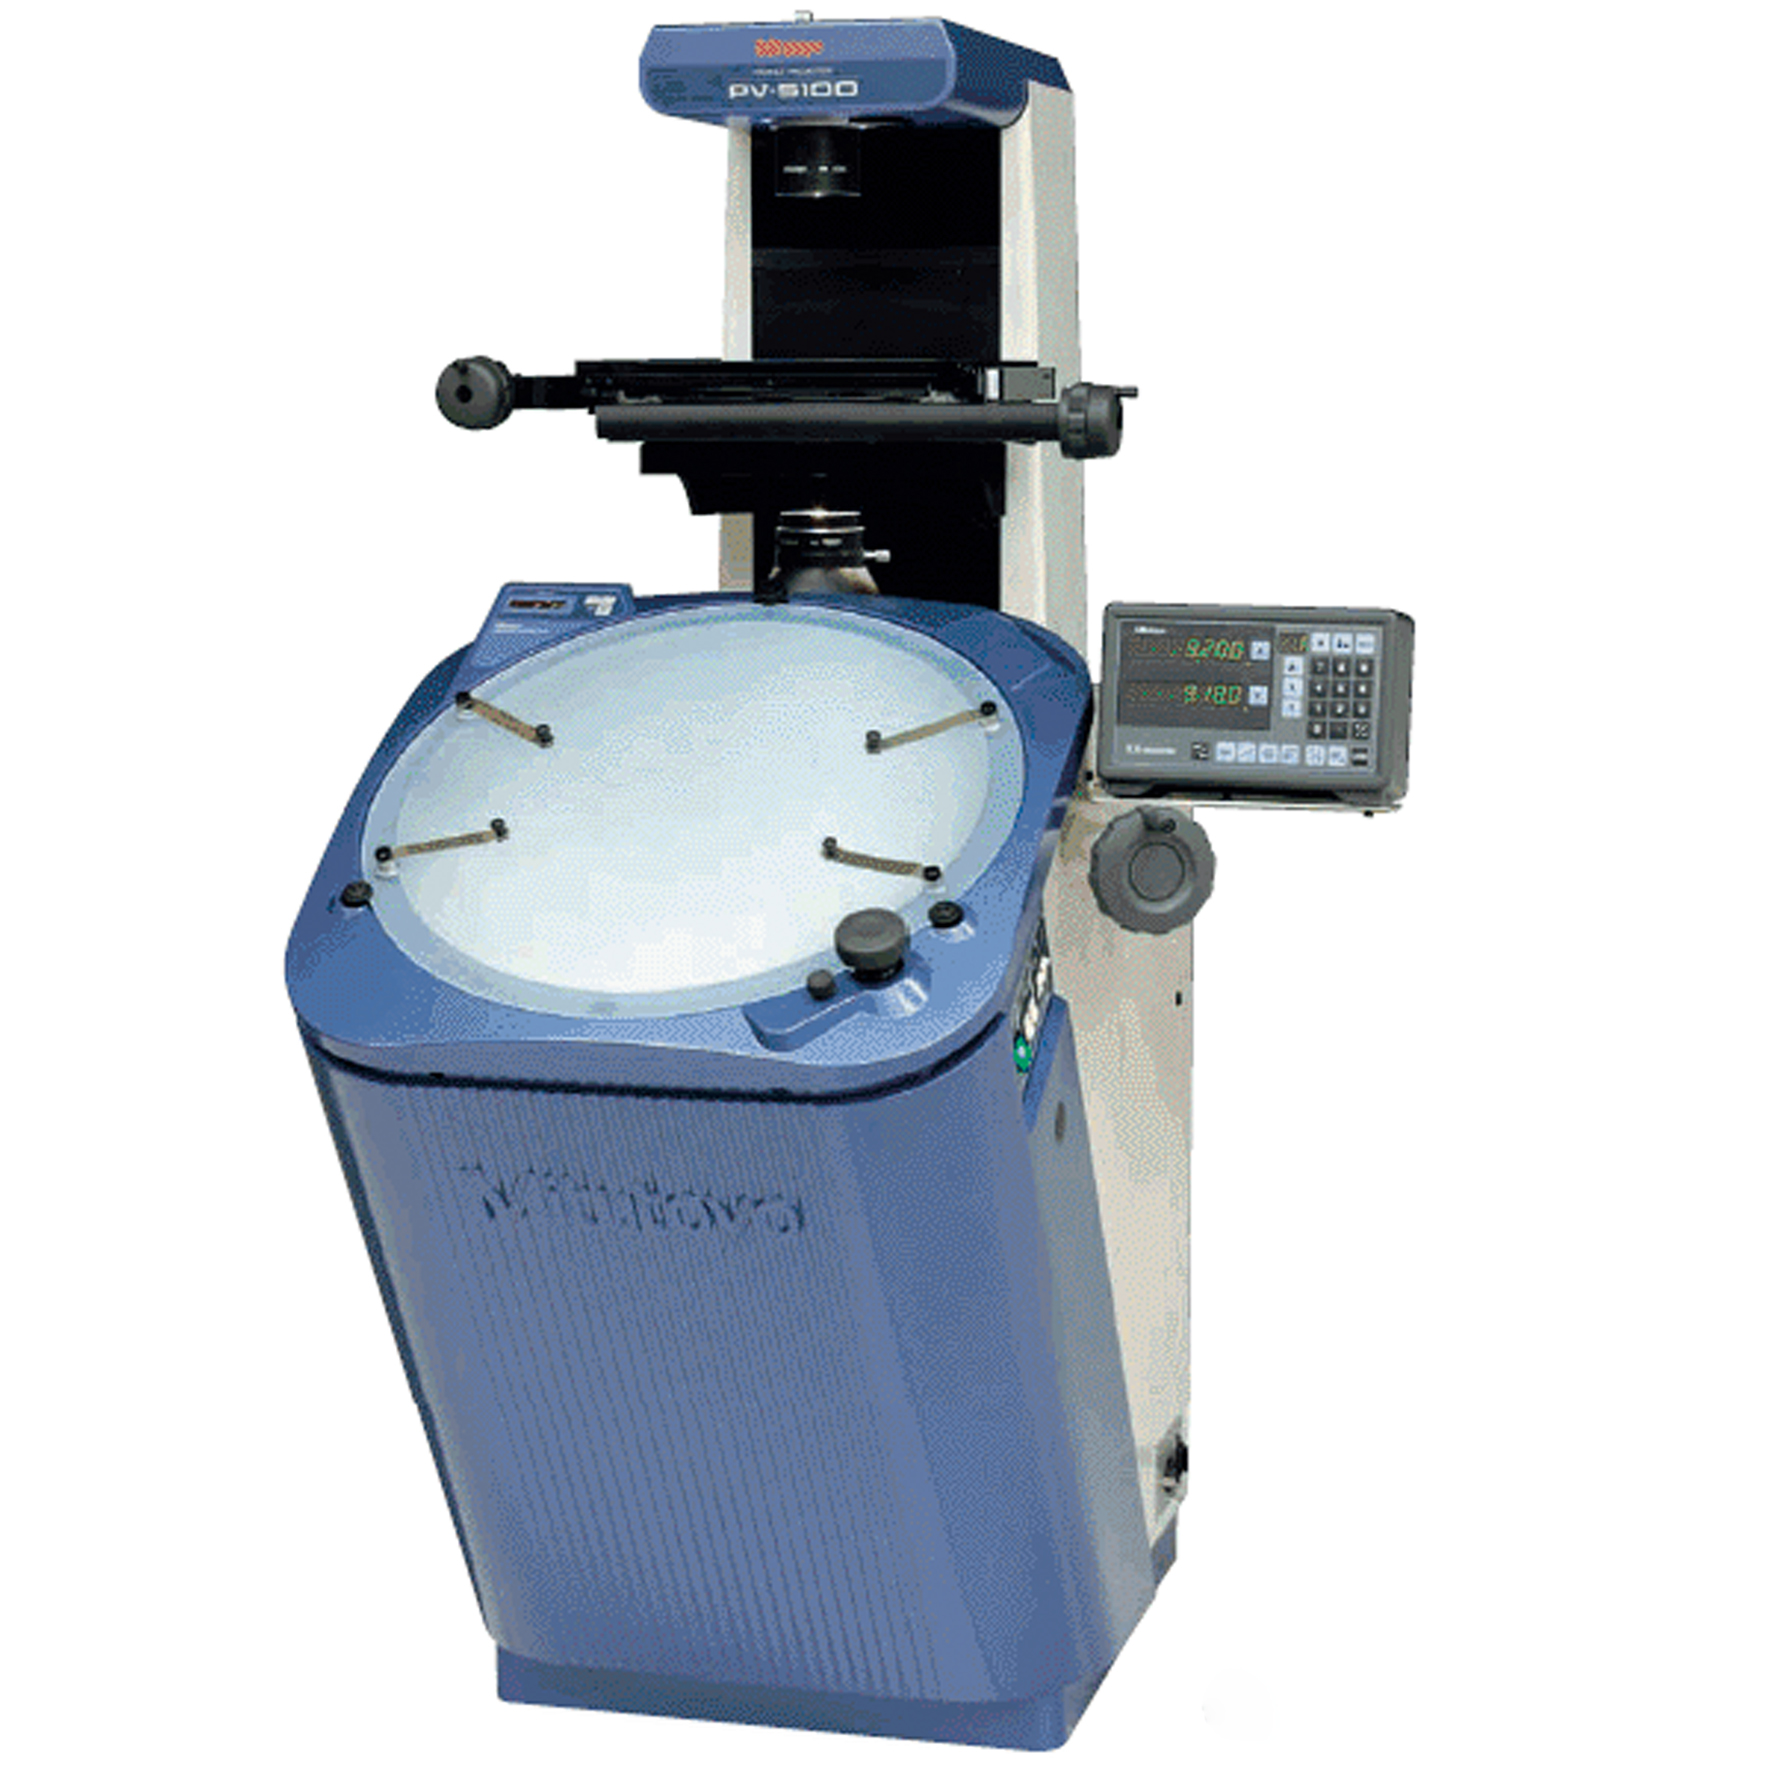 Comparadores Opticos Serie 304 (PV-5110)